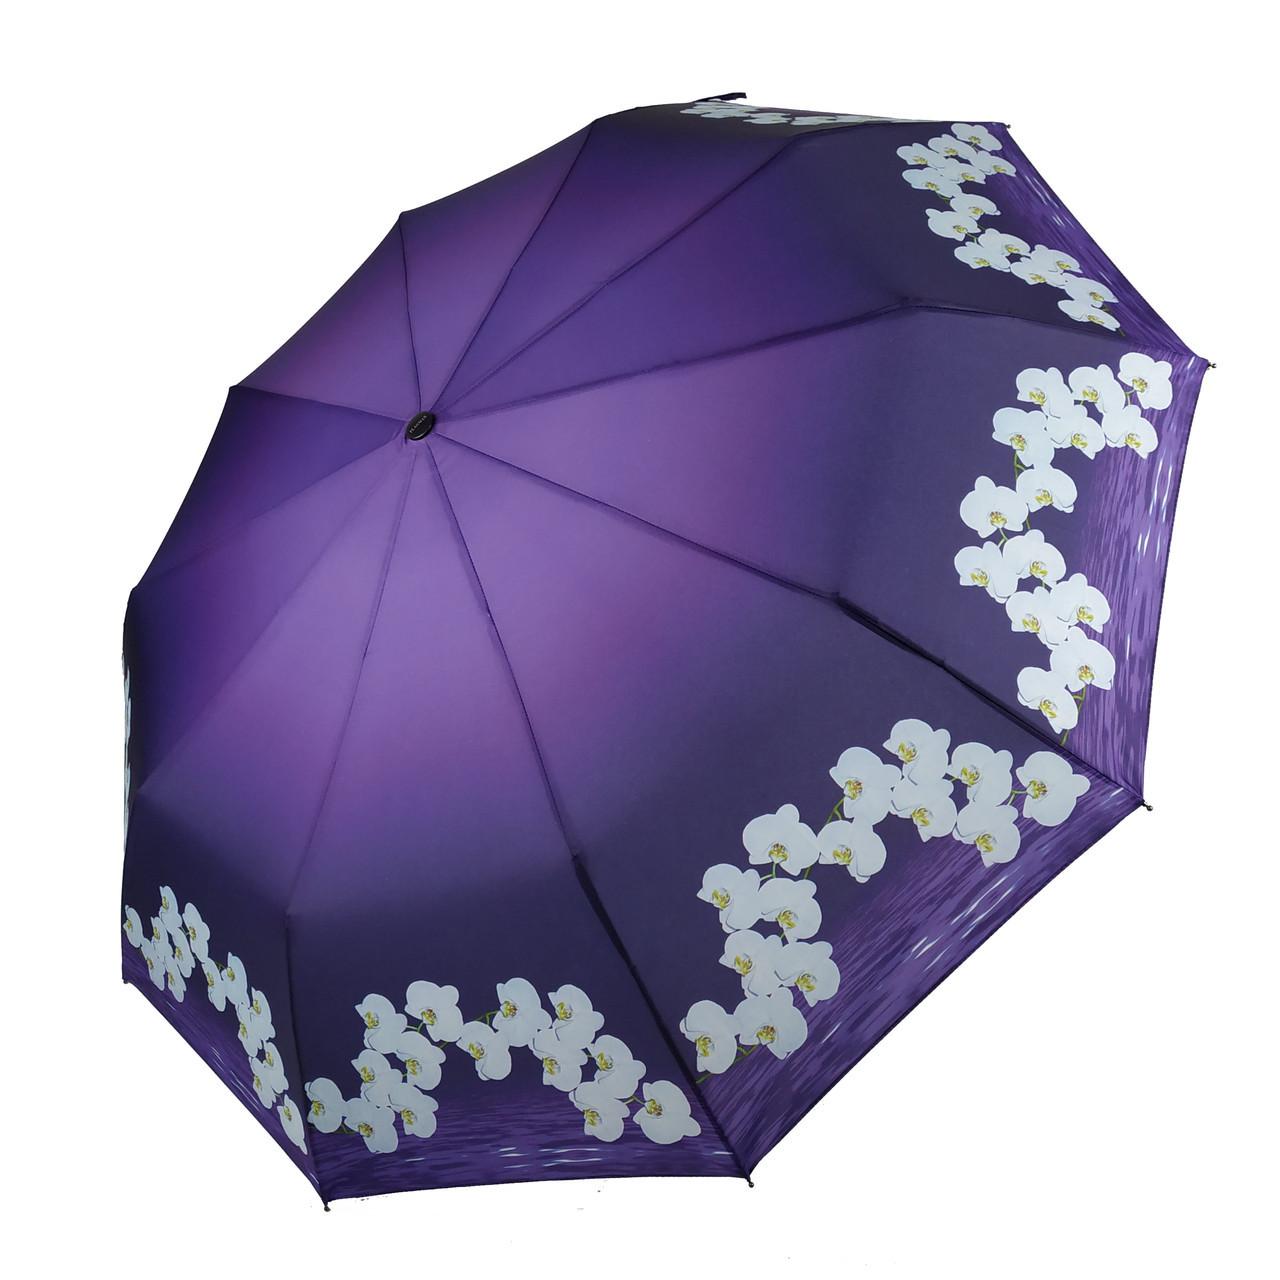 Женский зонтик полуавтомат с орхидеями от Flagman / Флагман, фиолетовый,  733-8